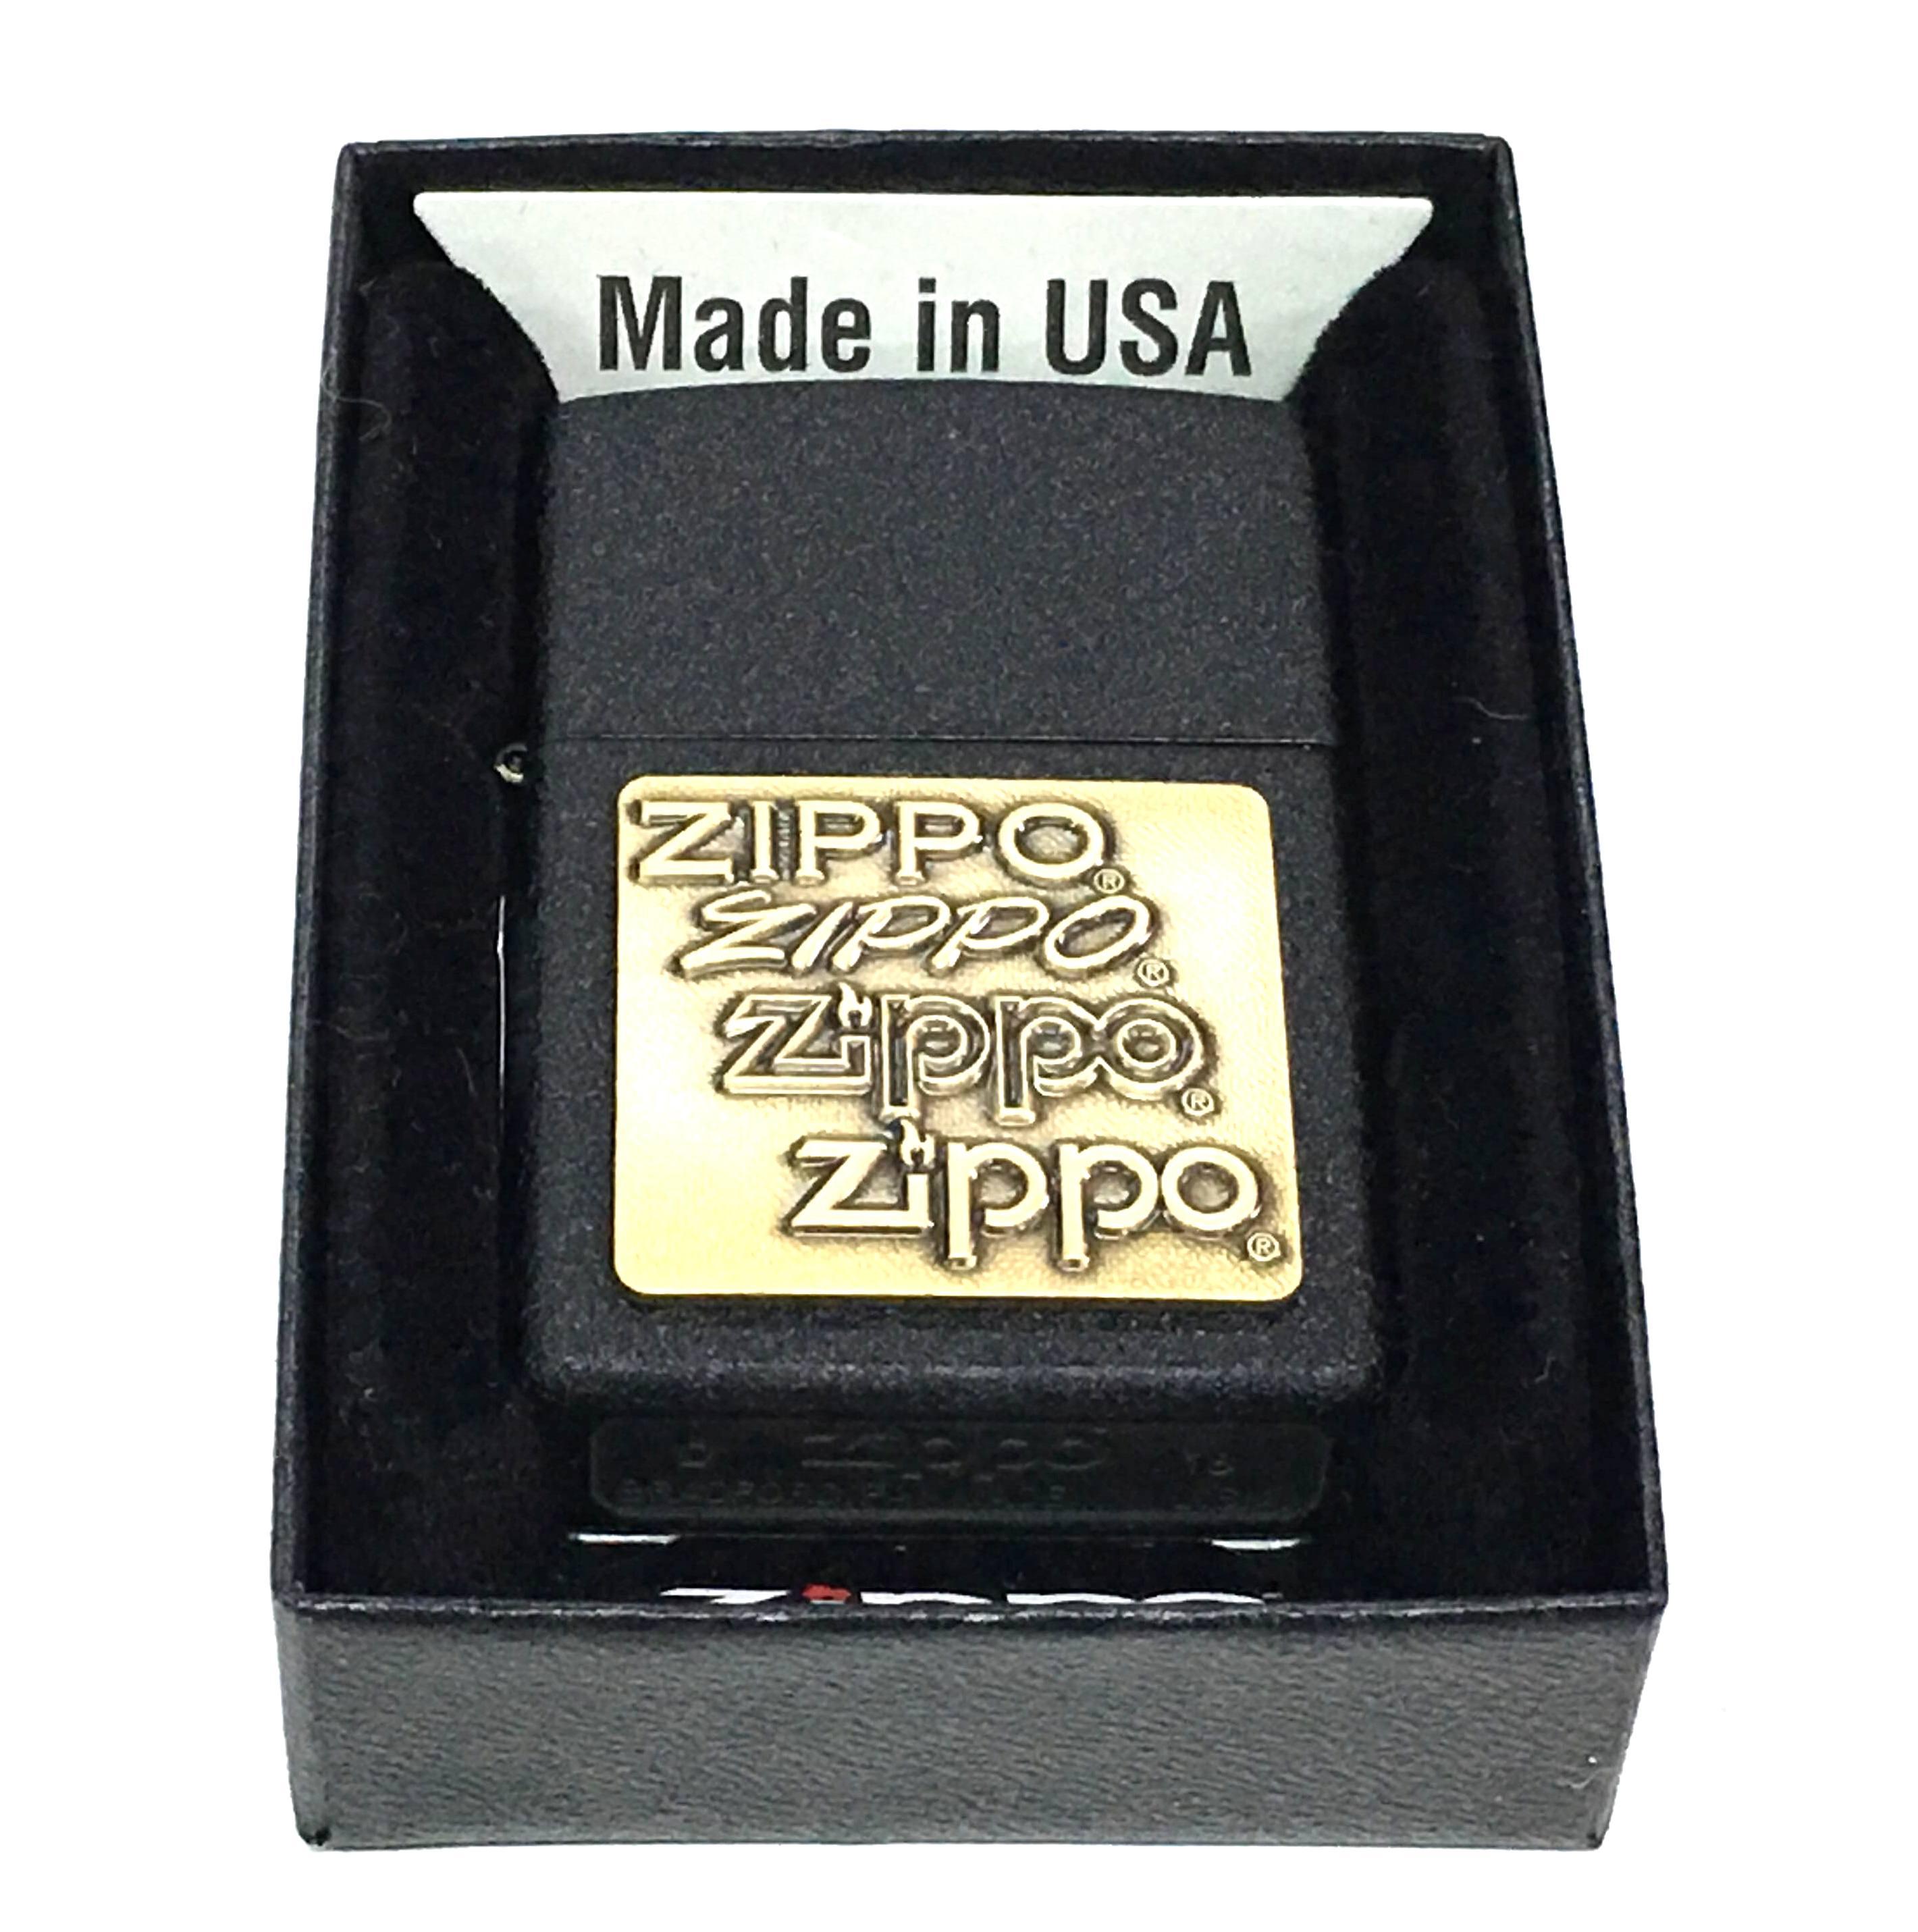 Zippo den san dap chu zippo noi vang Z654